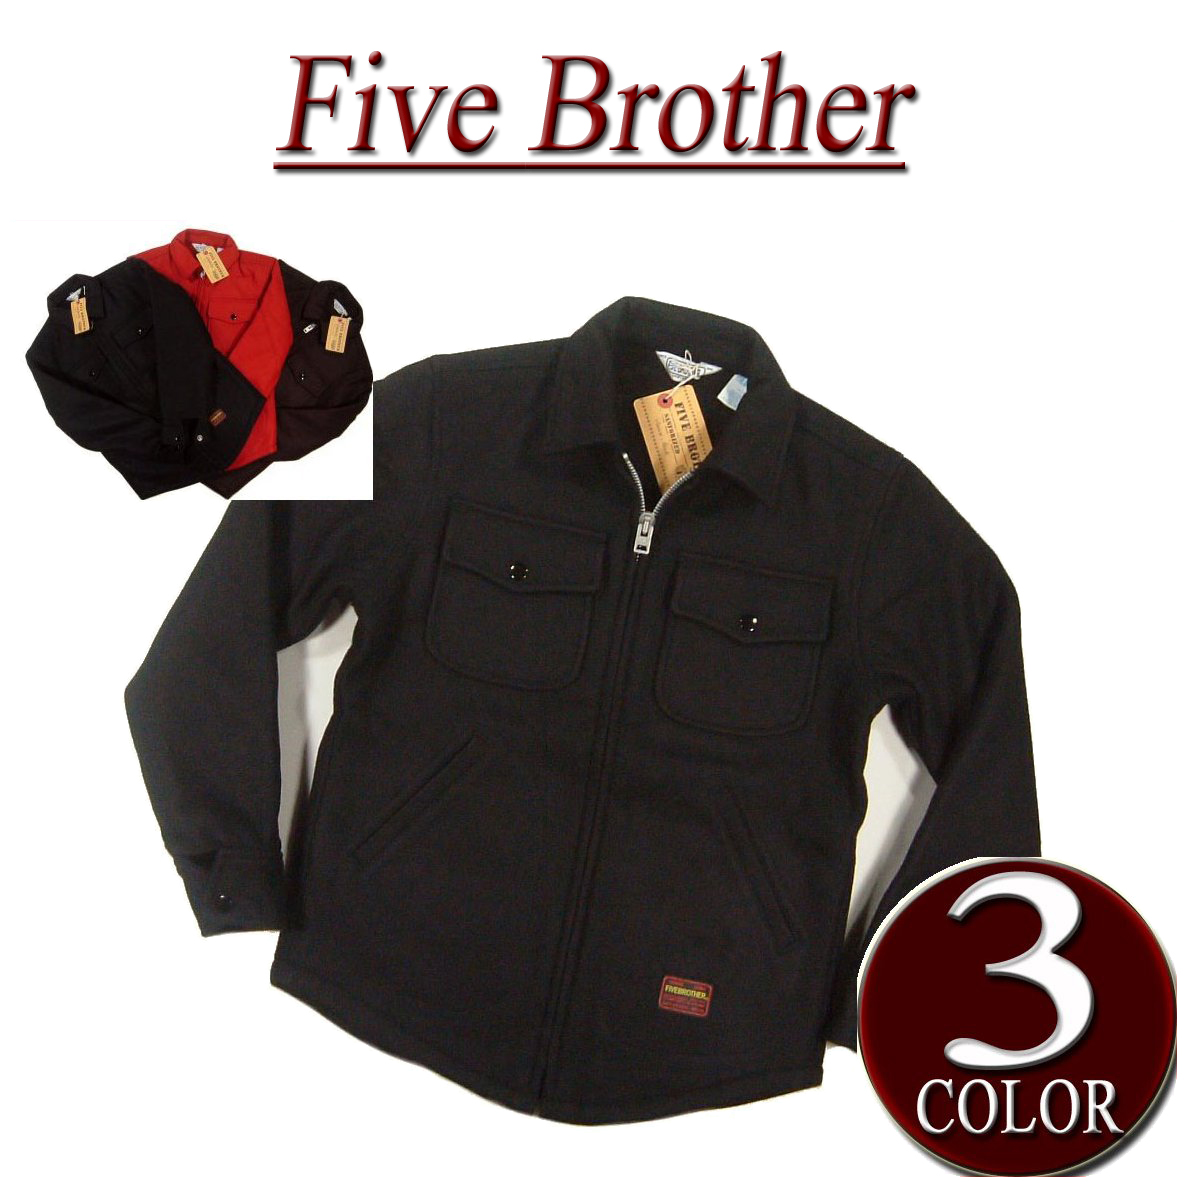 【3色4サイズ】 ix991 新品 FIVE BROTHER 裏ボア 無地 CPO ウールジャケット メンズ AUTHENTIC C.P.O WOOL JACKET シーピーオー ワーク ジャケット CPOジャケット ファイブブラザー アメカジ